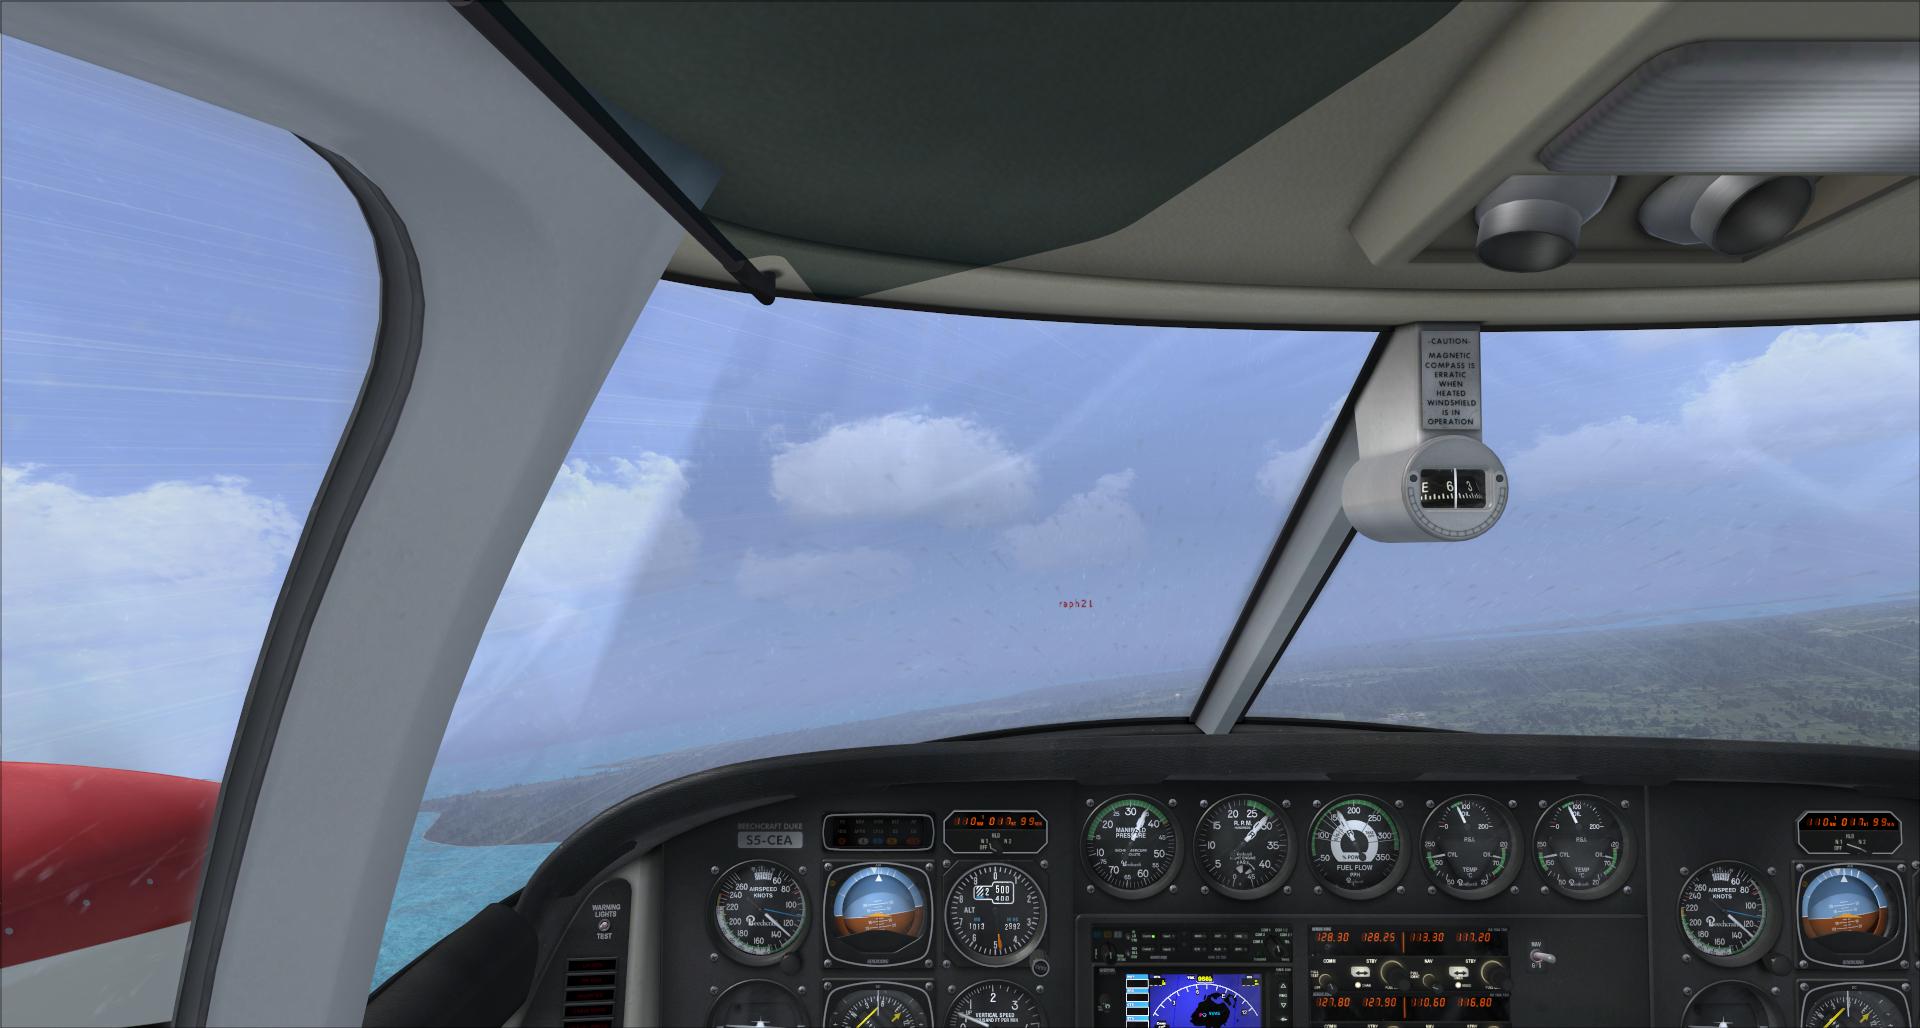 vol shag pilote de brousse  980121201442714470248